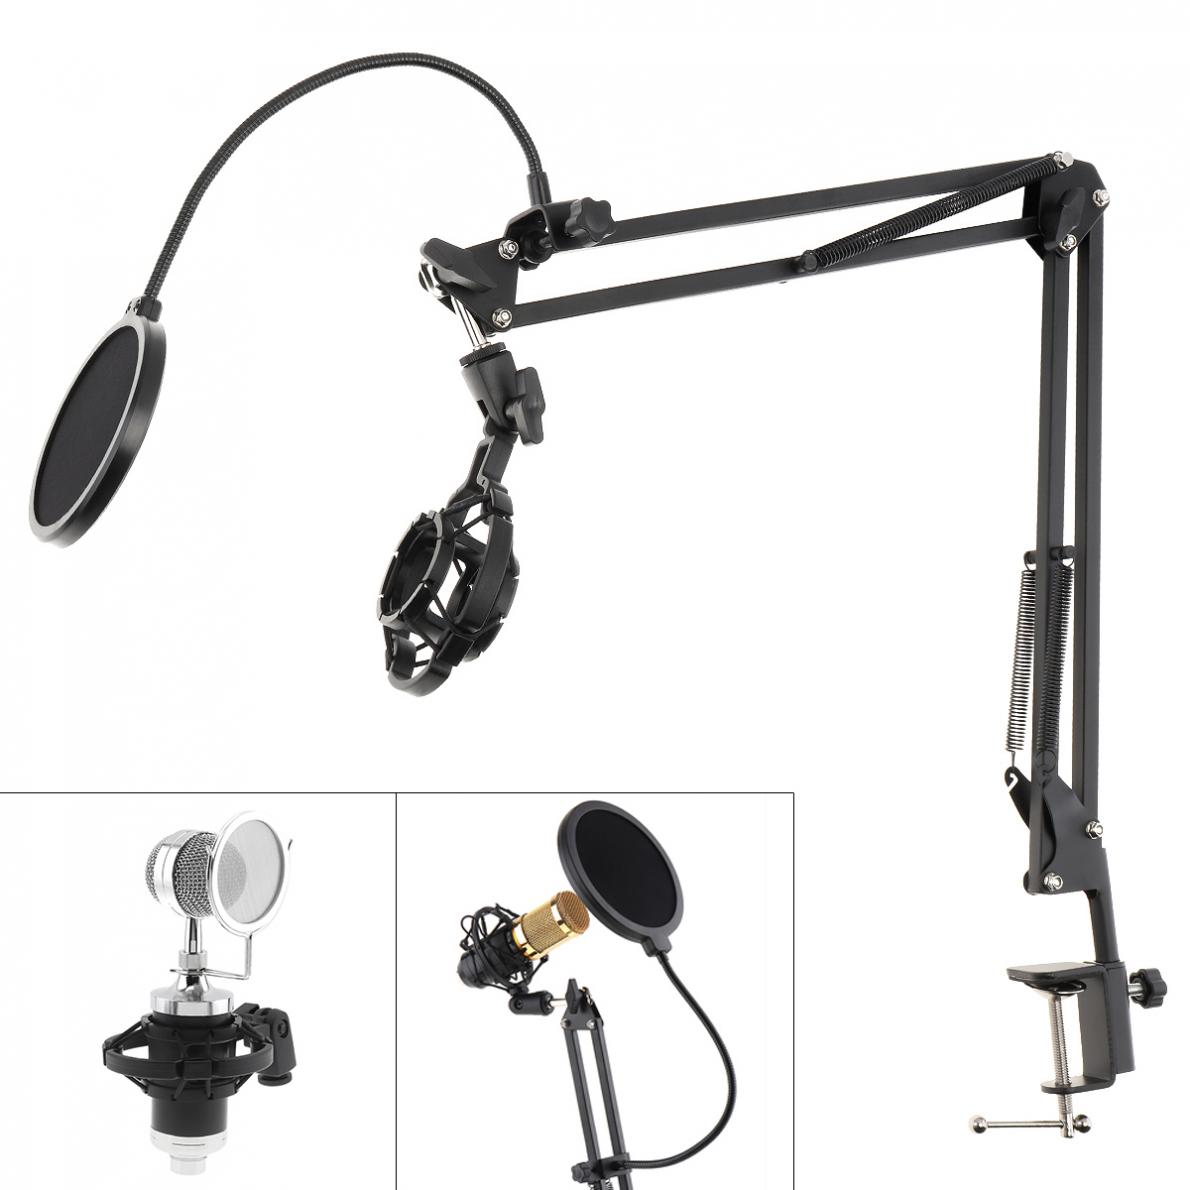 Suporte de Microfone à Prova de Choque com Dupla Filtro e Mesa Clipe para Transmissão ao Vivo Multifunções Camada Microfone Pop